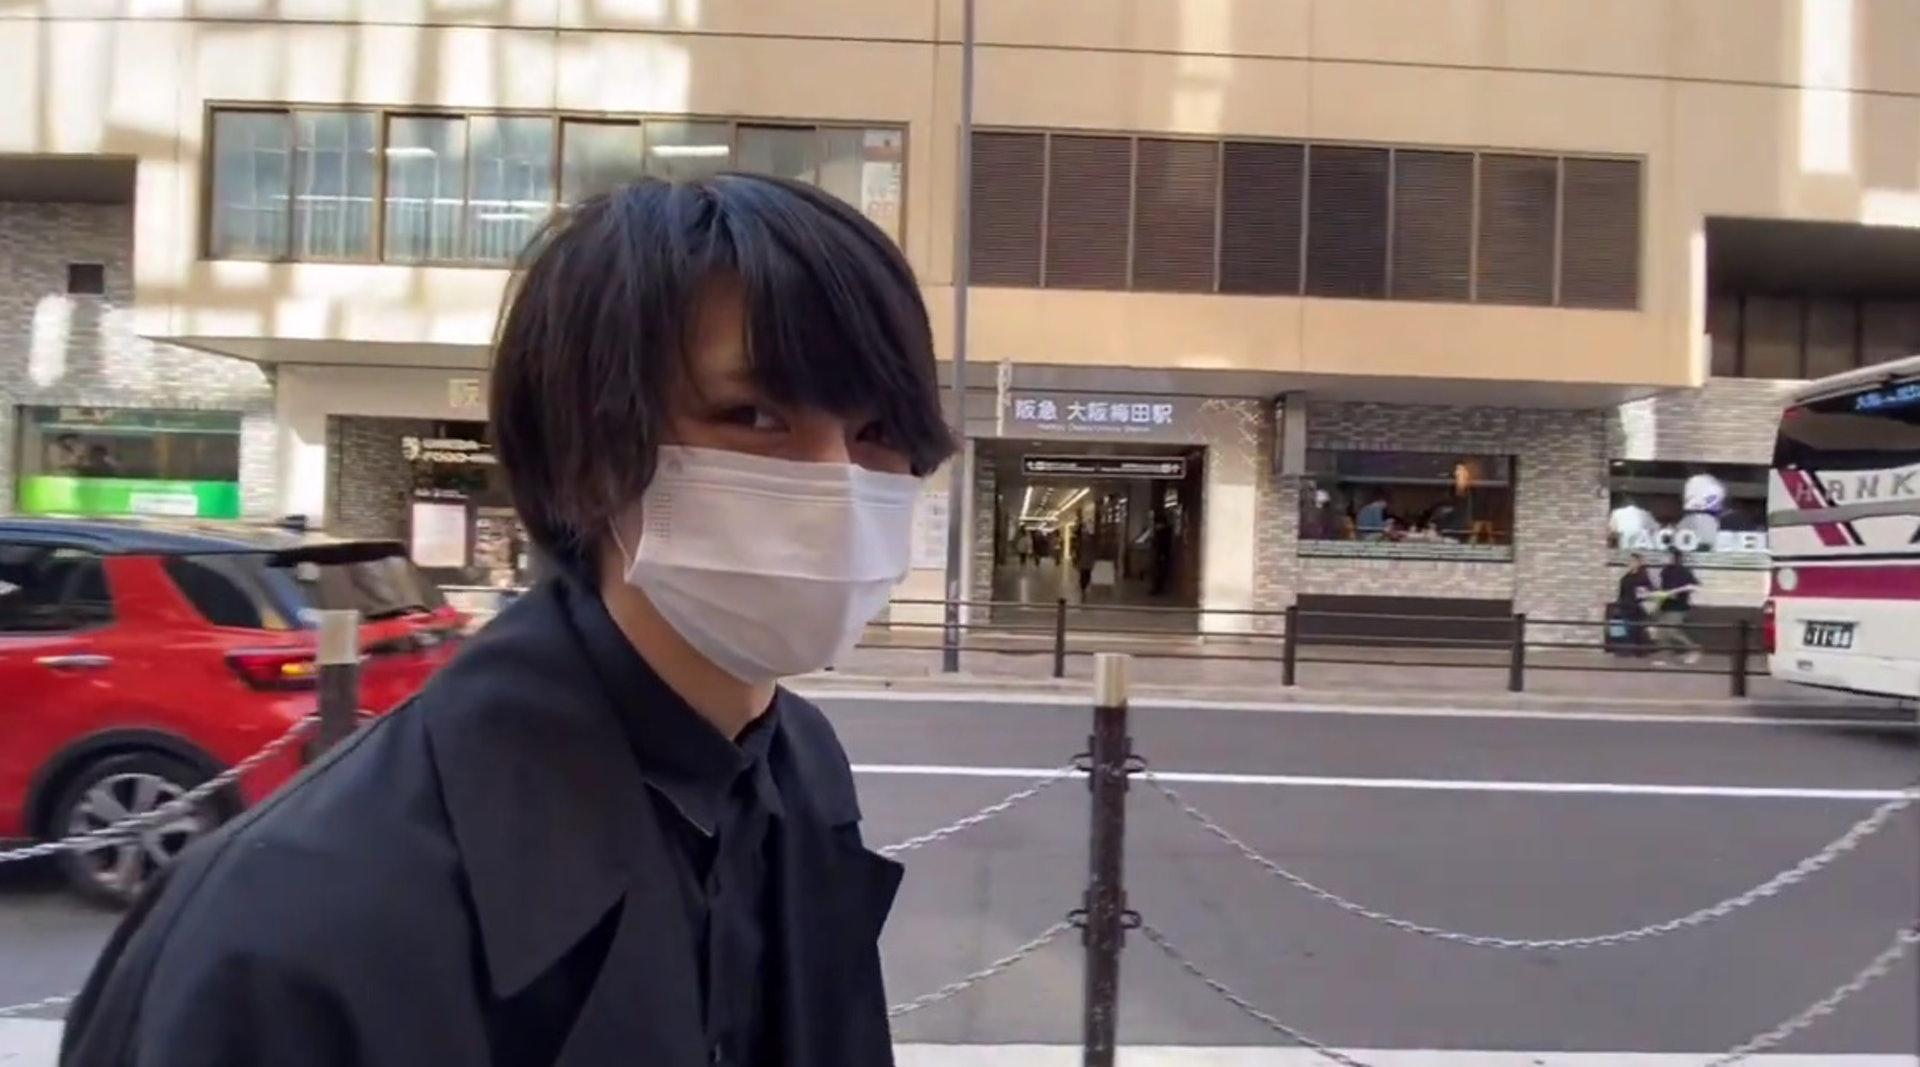 日本挑戰「租男友」嚇傻!正妹再租竟遇「校草級小鮮肉」:配不上他